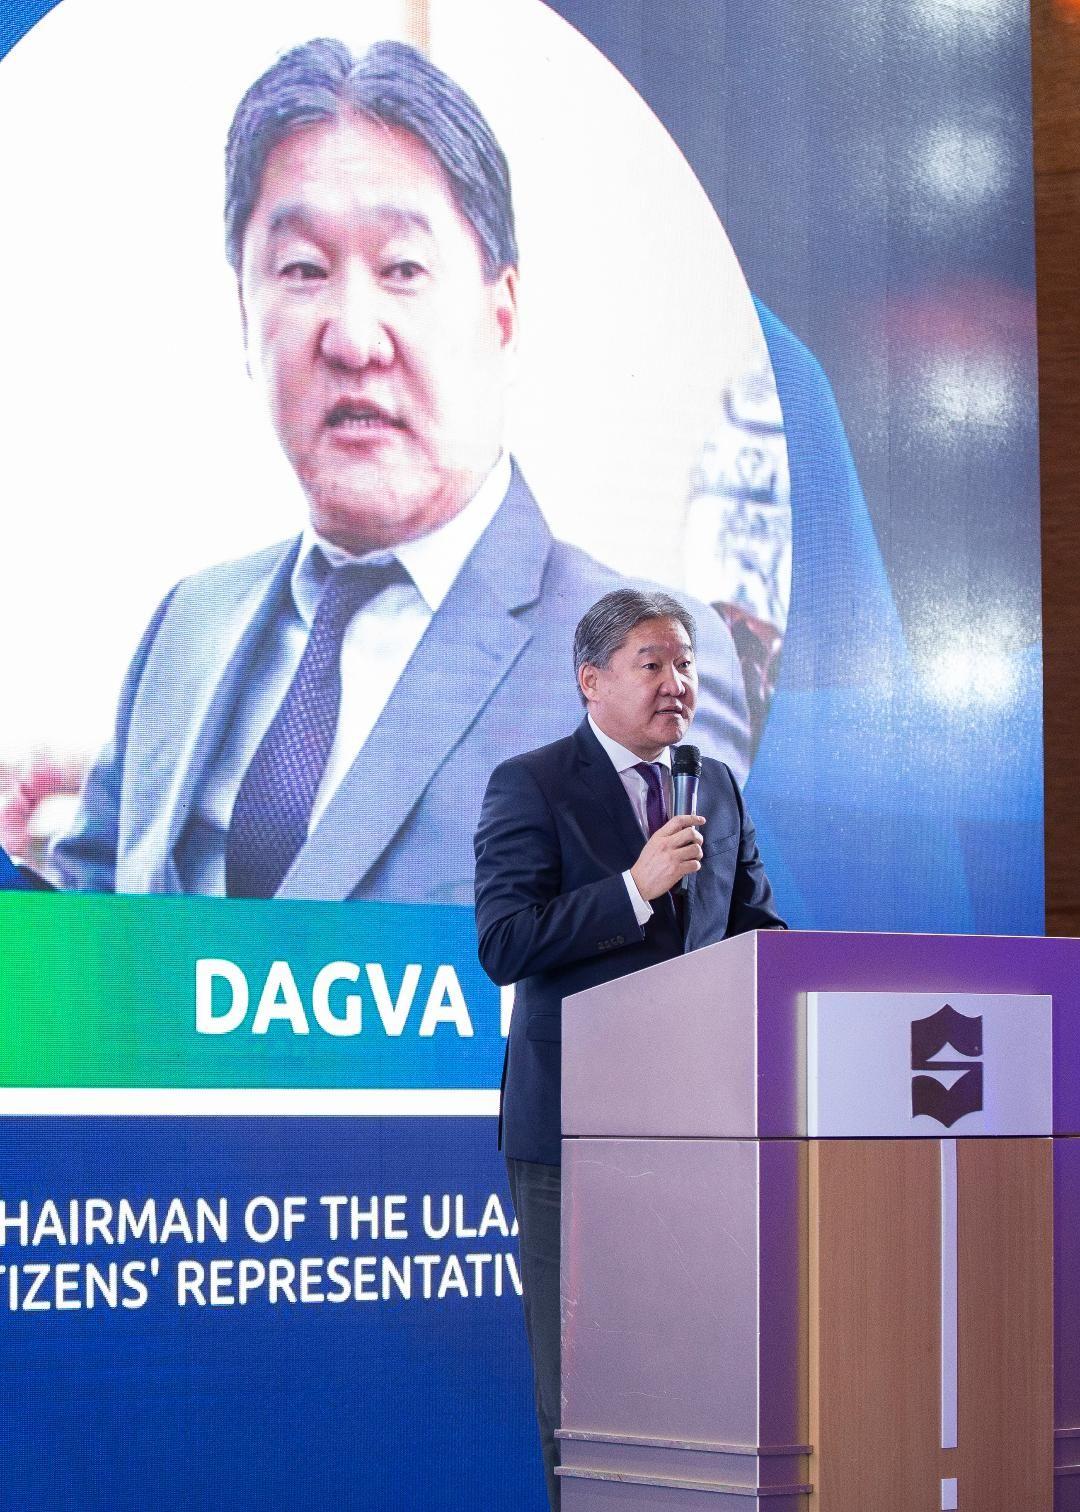 Р.Дагва: Улаанбаатар хотын хөгжлийн гарц нь технологи, инновац хэмээн үзэж байгаа